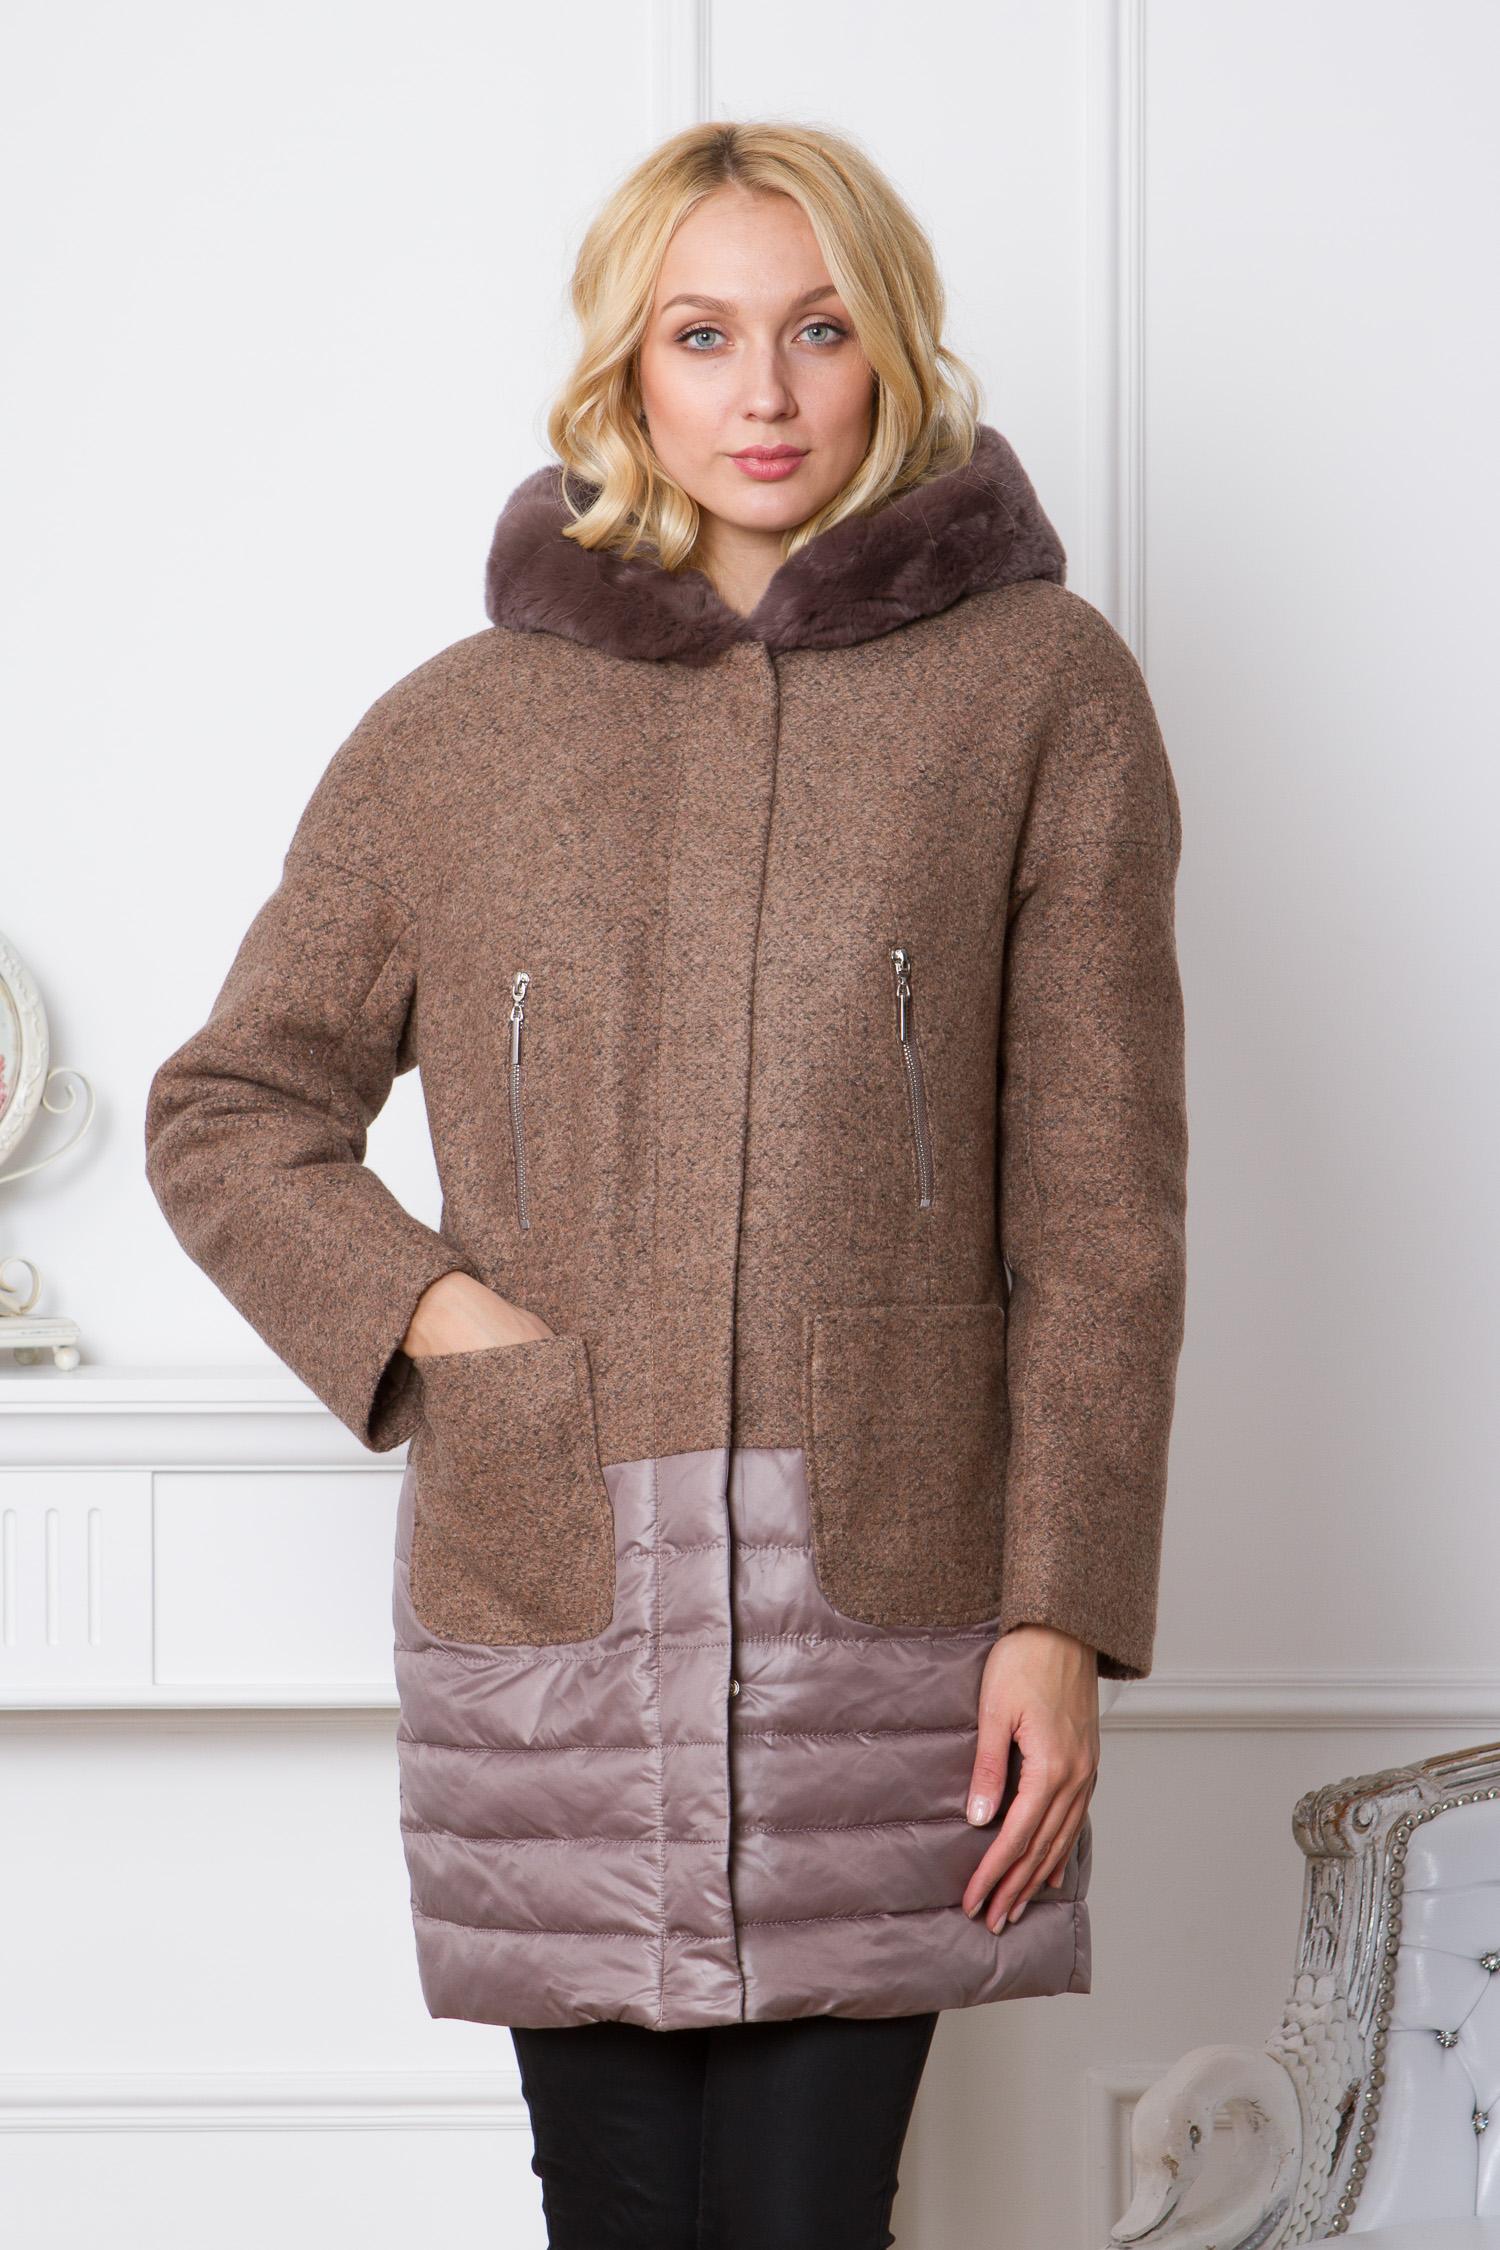 Женское пальто с капюшоном, отделка кролик<br><br>Воротник: капюшон<br>Длина см: Средняя (75-89 )<br>Материал: Текстиль<br>Цвет: бежевый<br>Вид застежки: потайная<br>Застежка: на молнии<br>Пол: Женский<br>Размер RU: 48